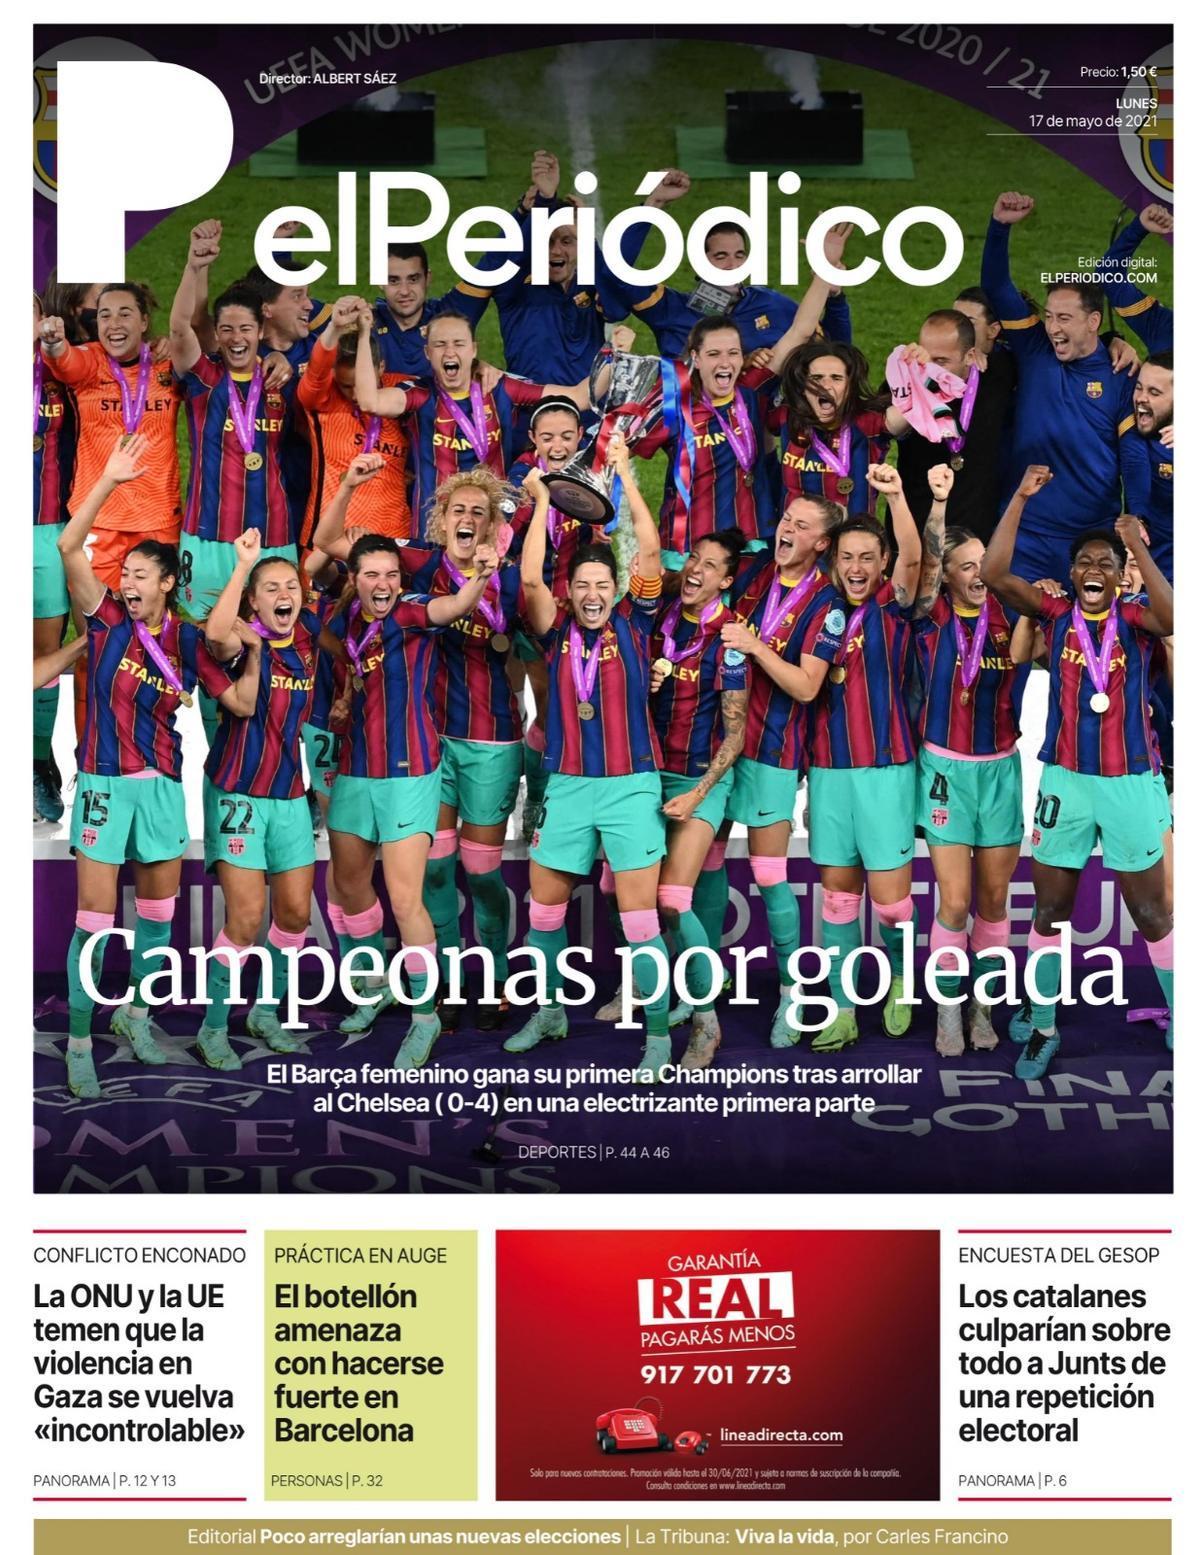 La portada de EL PERIÓDICO del 17 de mayo de 2021.